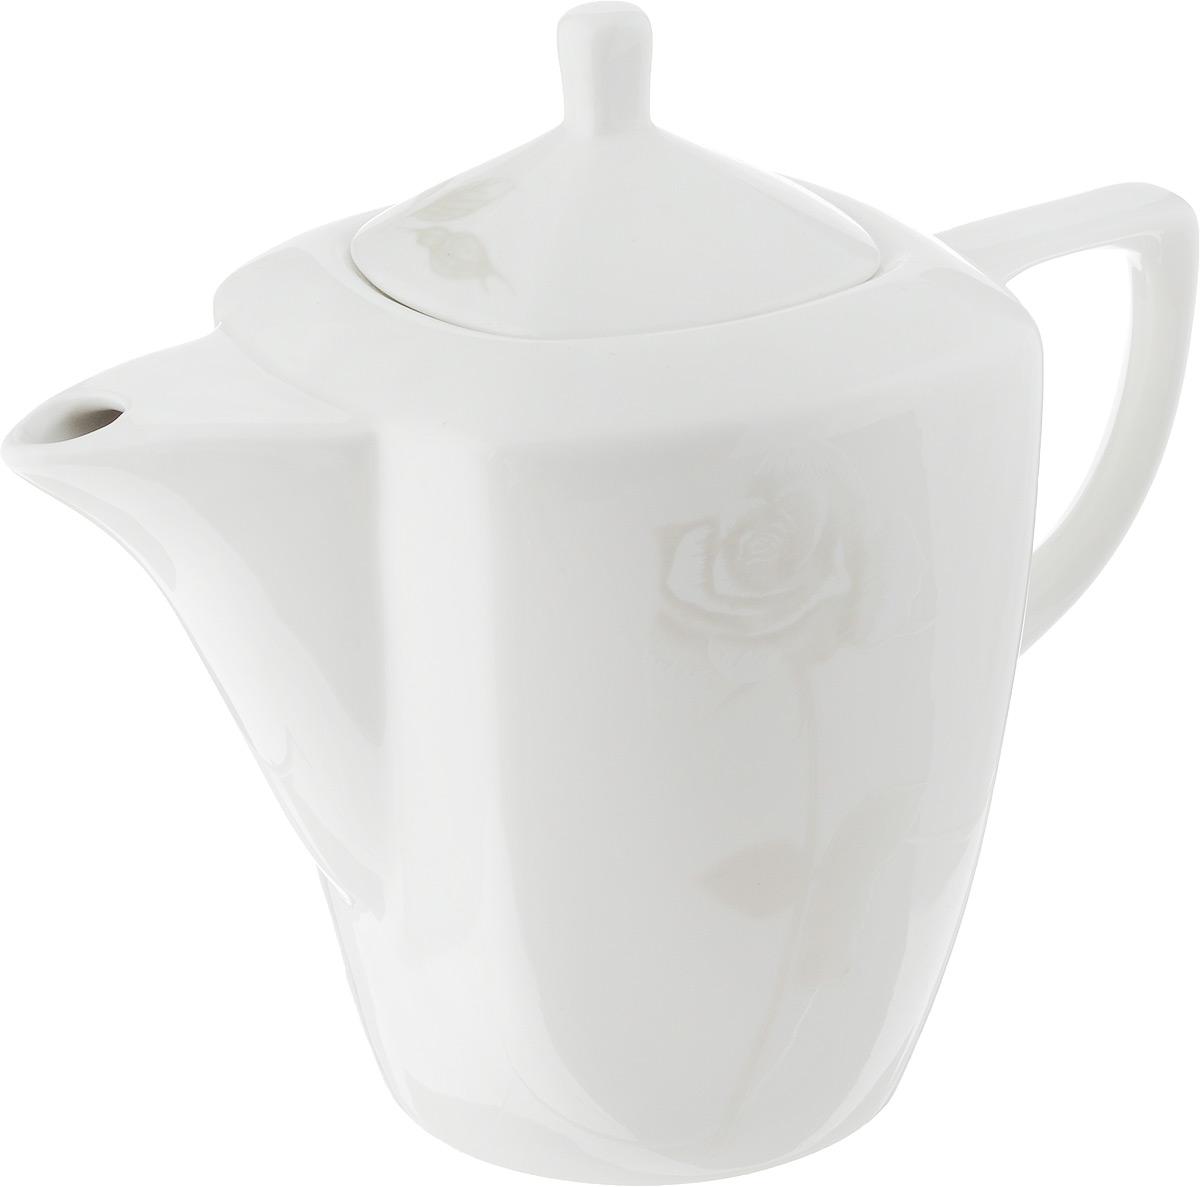 Чайник заварочный Жемчужная роза, 1,1 л391602Заварочный чайник Жемчужная роза изготовлен из высококачественного фарфора. Глазурованное покрытие обеспечивает легкую очистку. Изделие прекрасно подходит для заваривания вкусного и ароматного чая, а также травяных настоев. Оригинальный дизайн сделает чайник настоящим украшением стола. Он удобен в использовании и понравится каждому.Можно мыть в посудомоечной машине и использовать в микроволновой печи. Диаметр чайника (по верхнему краю): 7 см. Высота чайника (без учета крышки): 14 см. Высота чайника (с учетом крышки): 19 см.